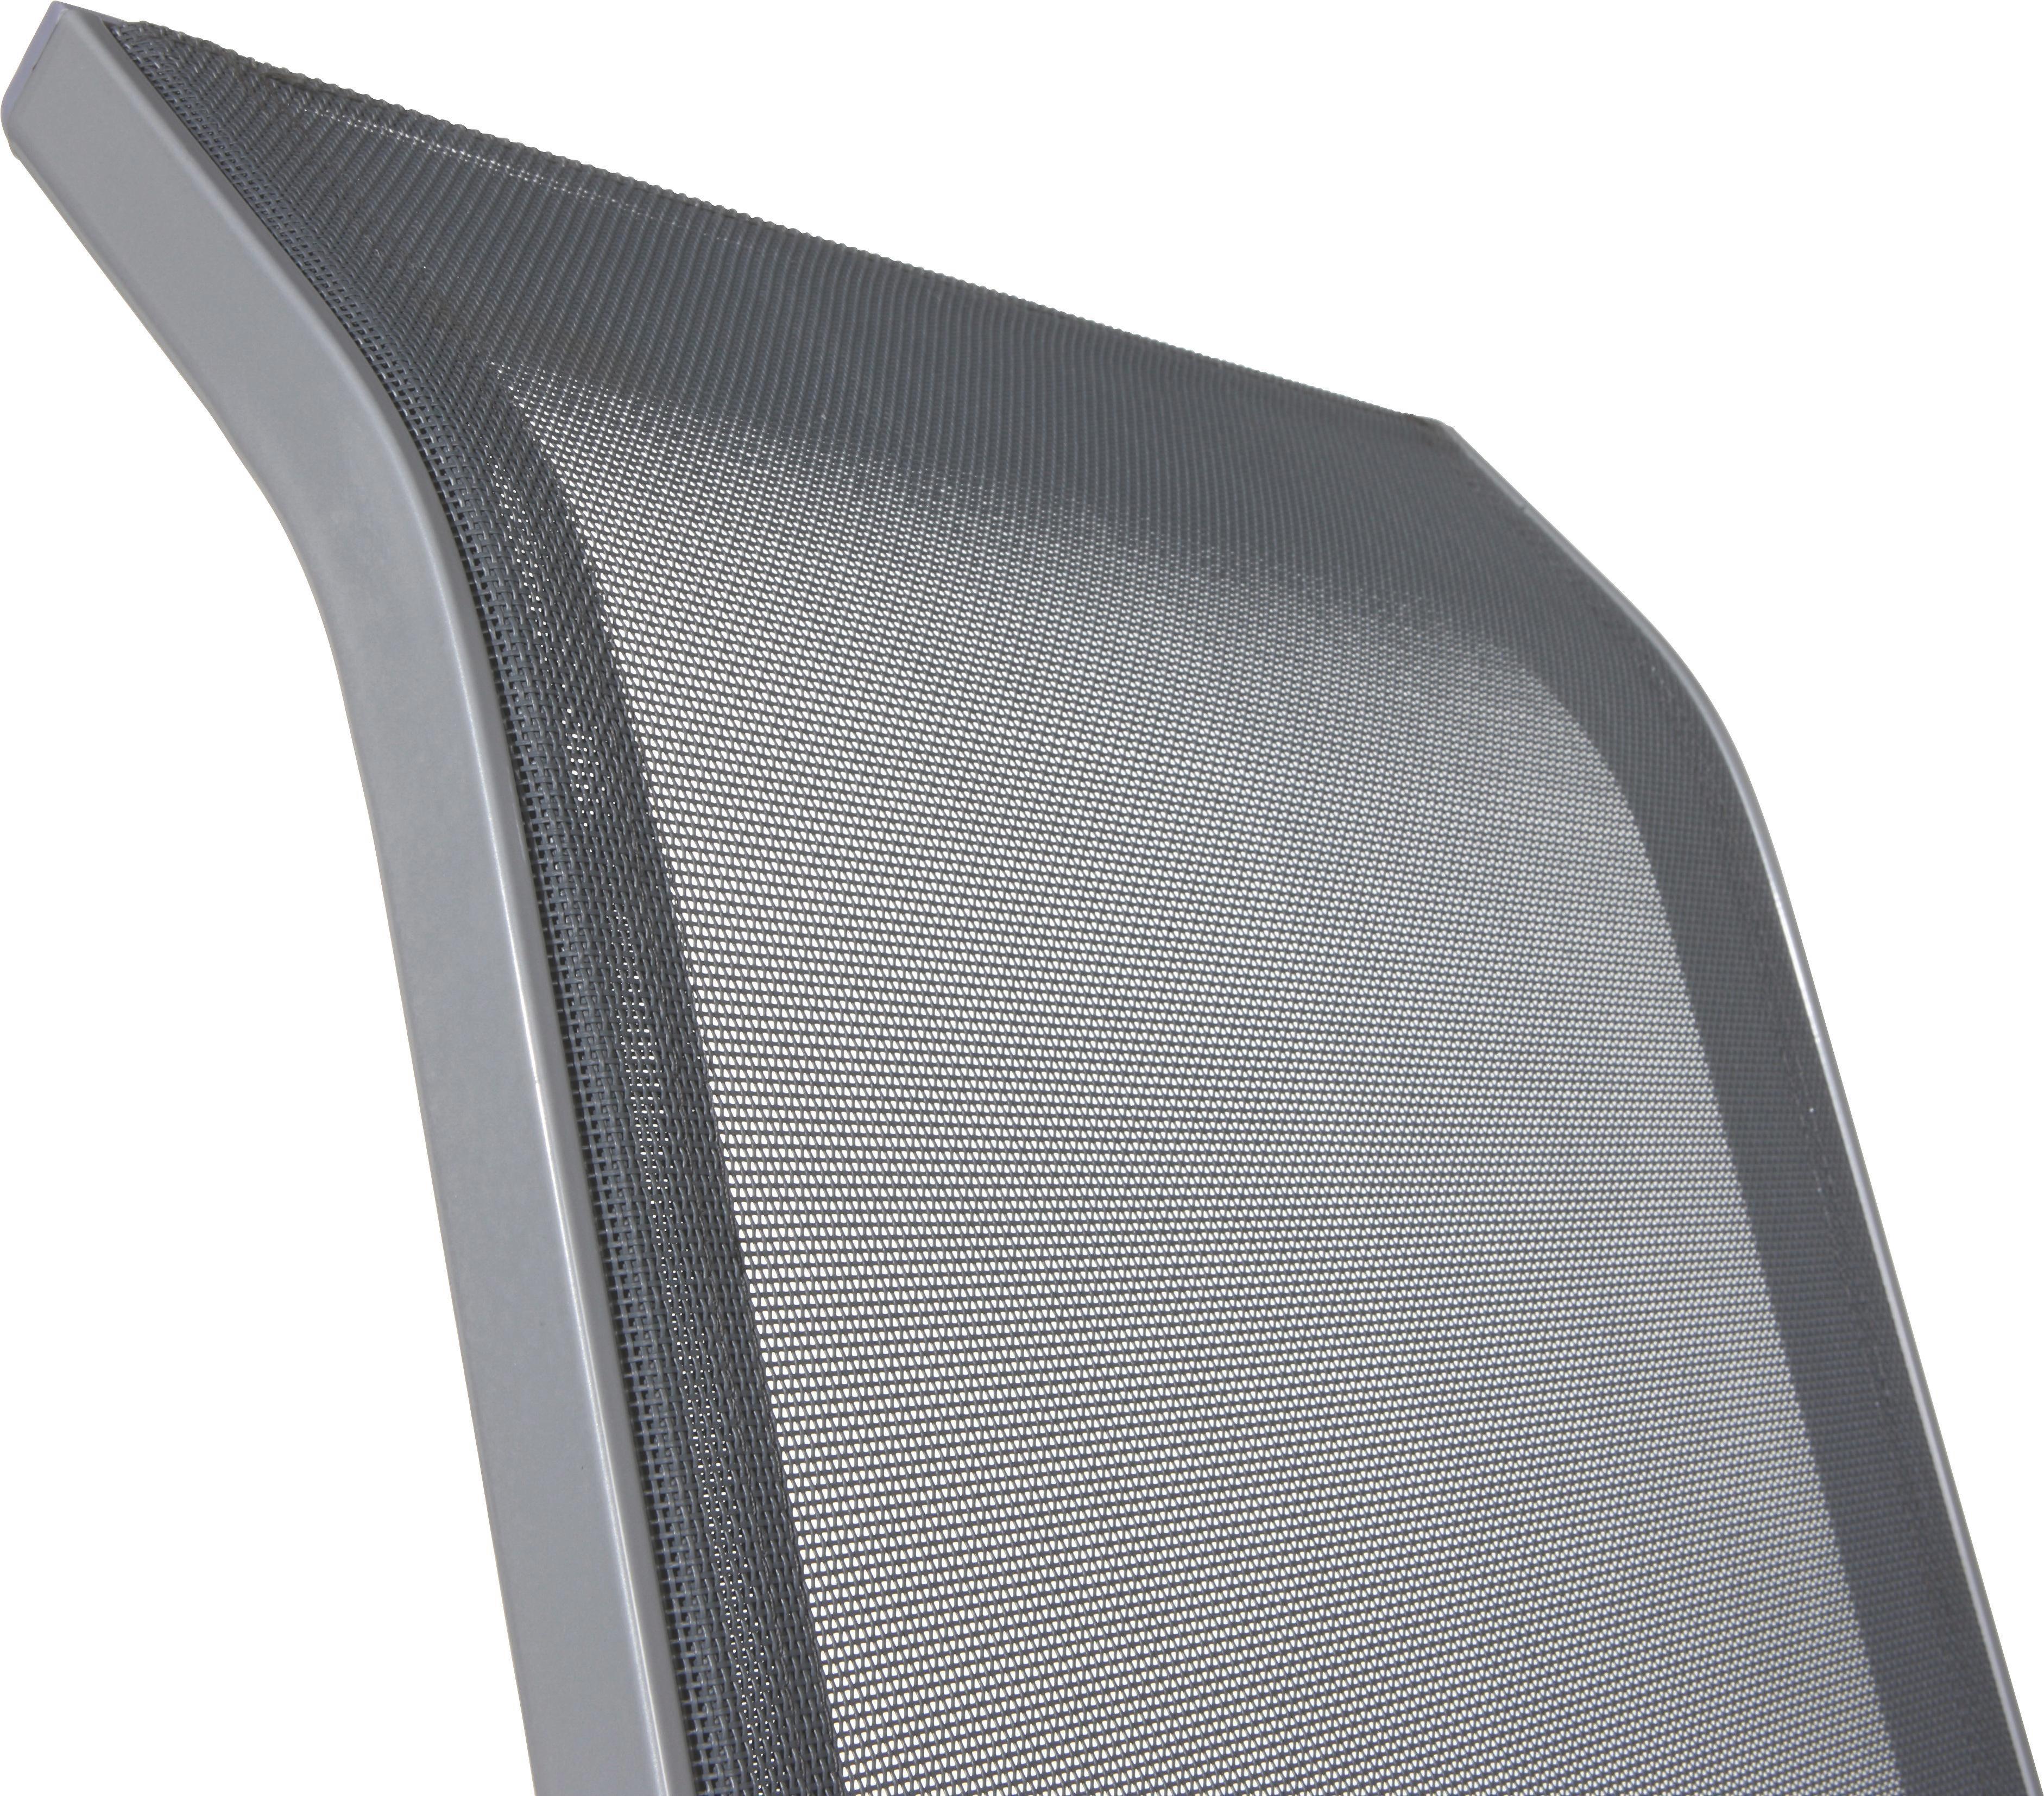 Stapelsessel Stitch in Anthrazit - Anthrazit/Alufarben, Kunststoff/Textil (54/96/76cm) - MÖMAX modern living